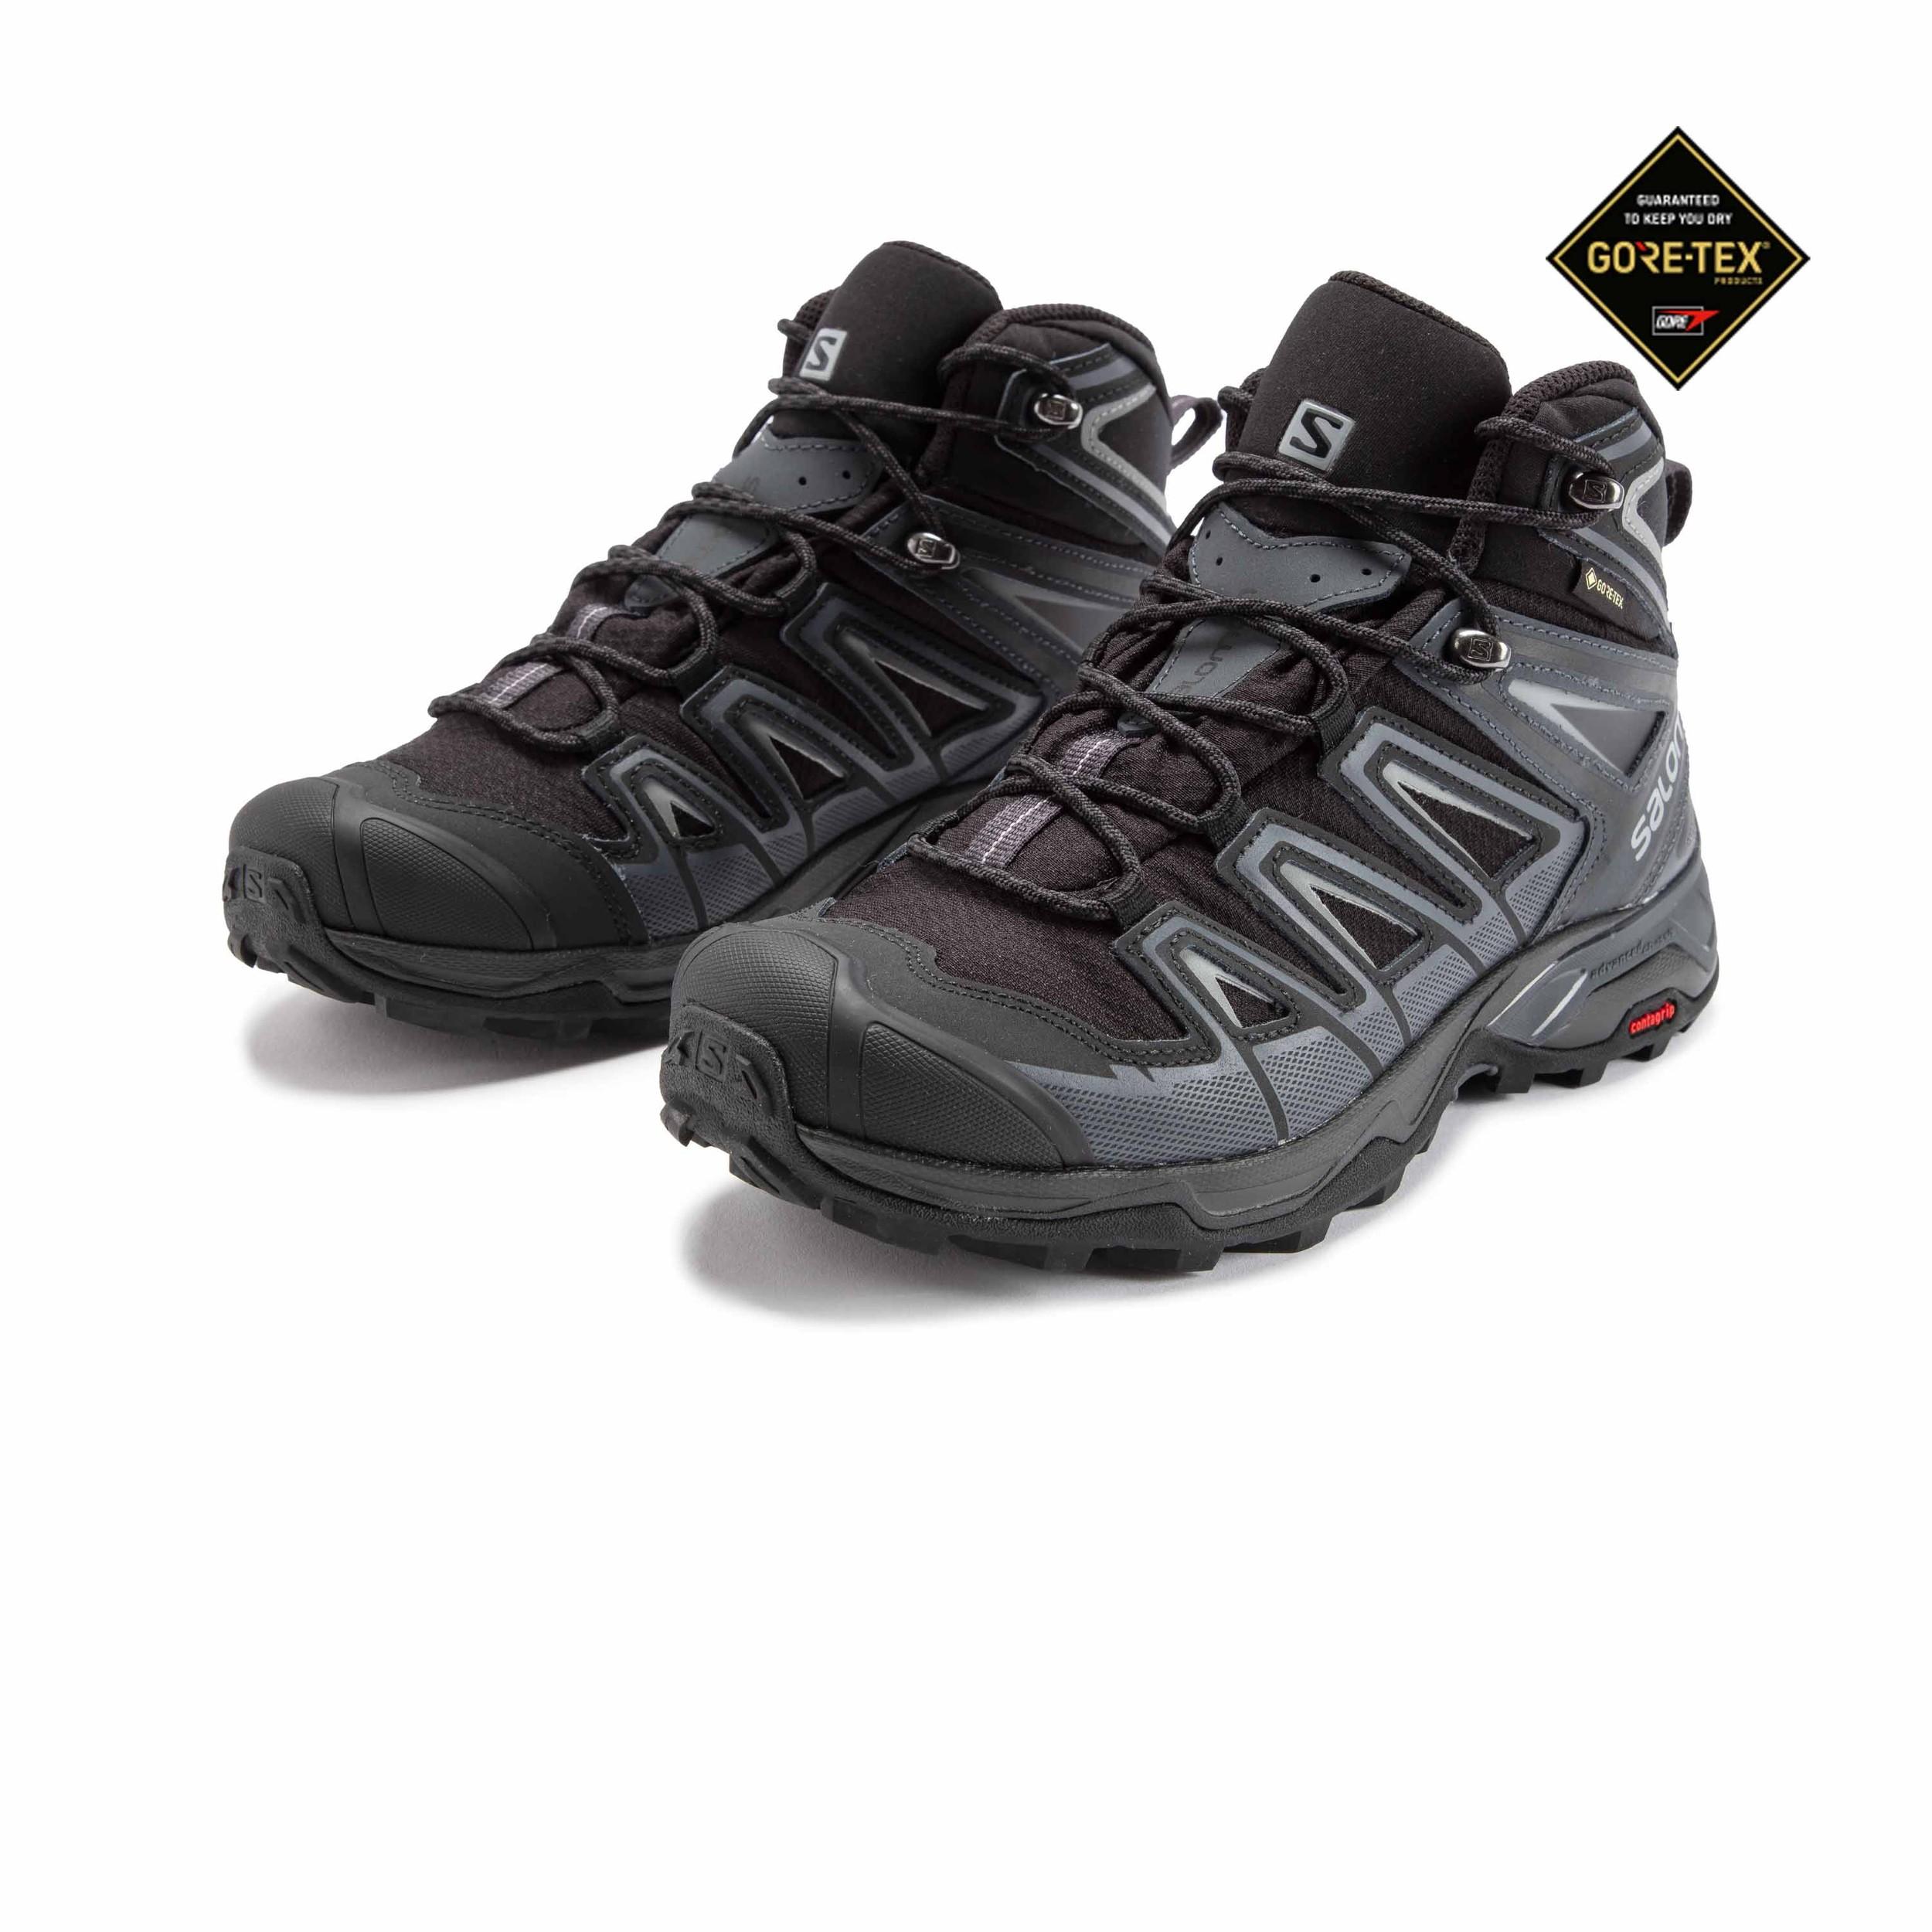 Salomon Herren Schwarz X Ultra Mid 3 GTX Outdoor Stiefel Wanderstiefel Schuhe